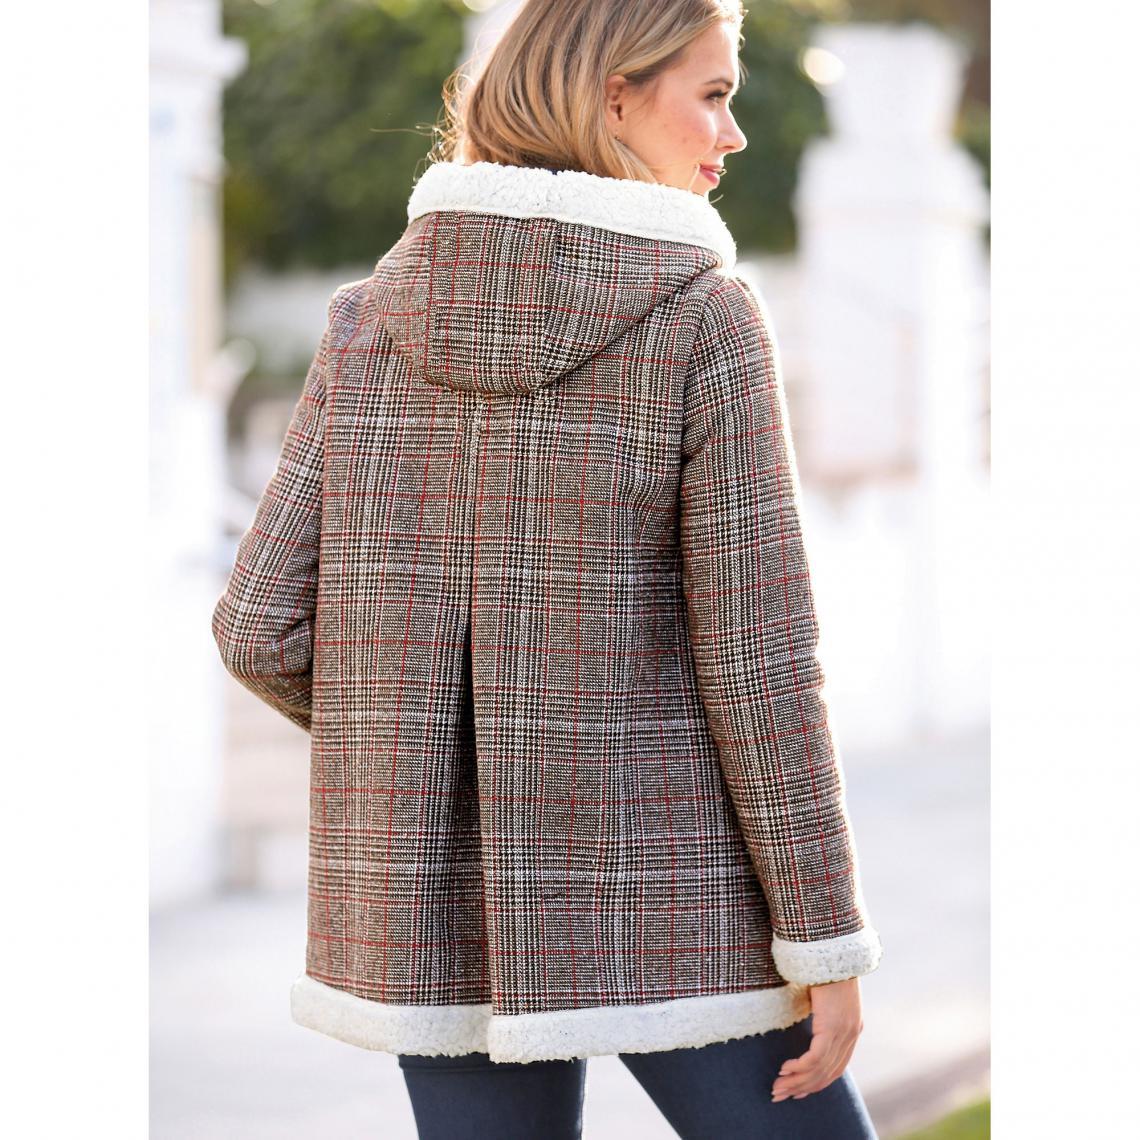 Manteau à carreaux zippé capuche et doublure fourrure femme exclusivité  3Suisses - Carreaux Marron 75a27cb58ec6